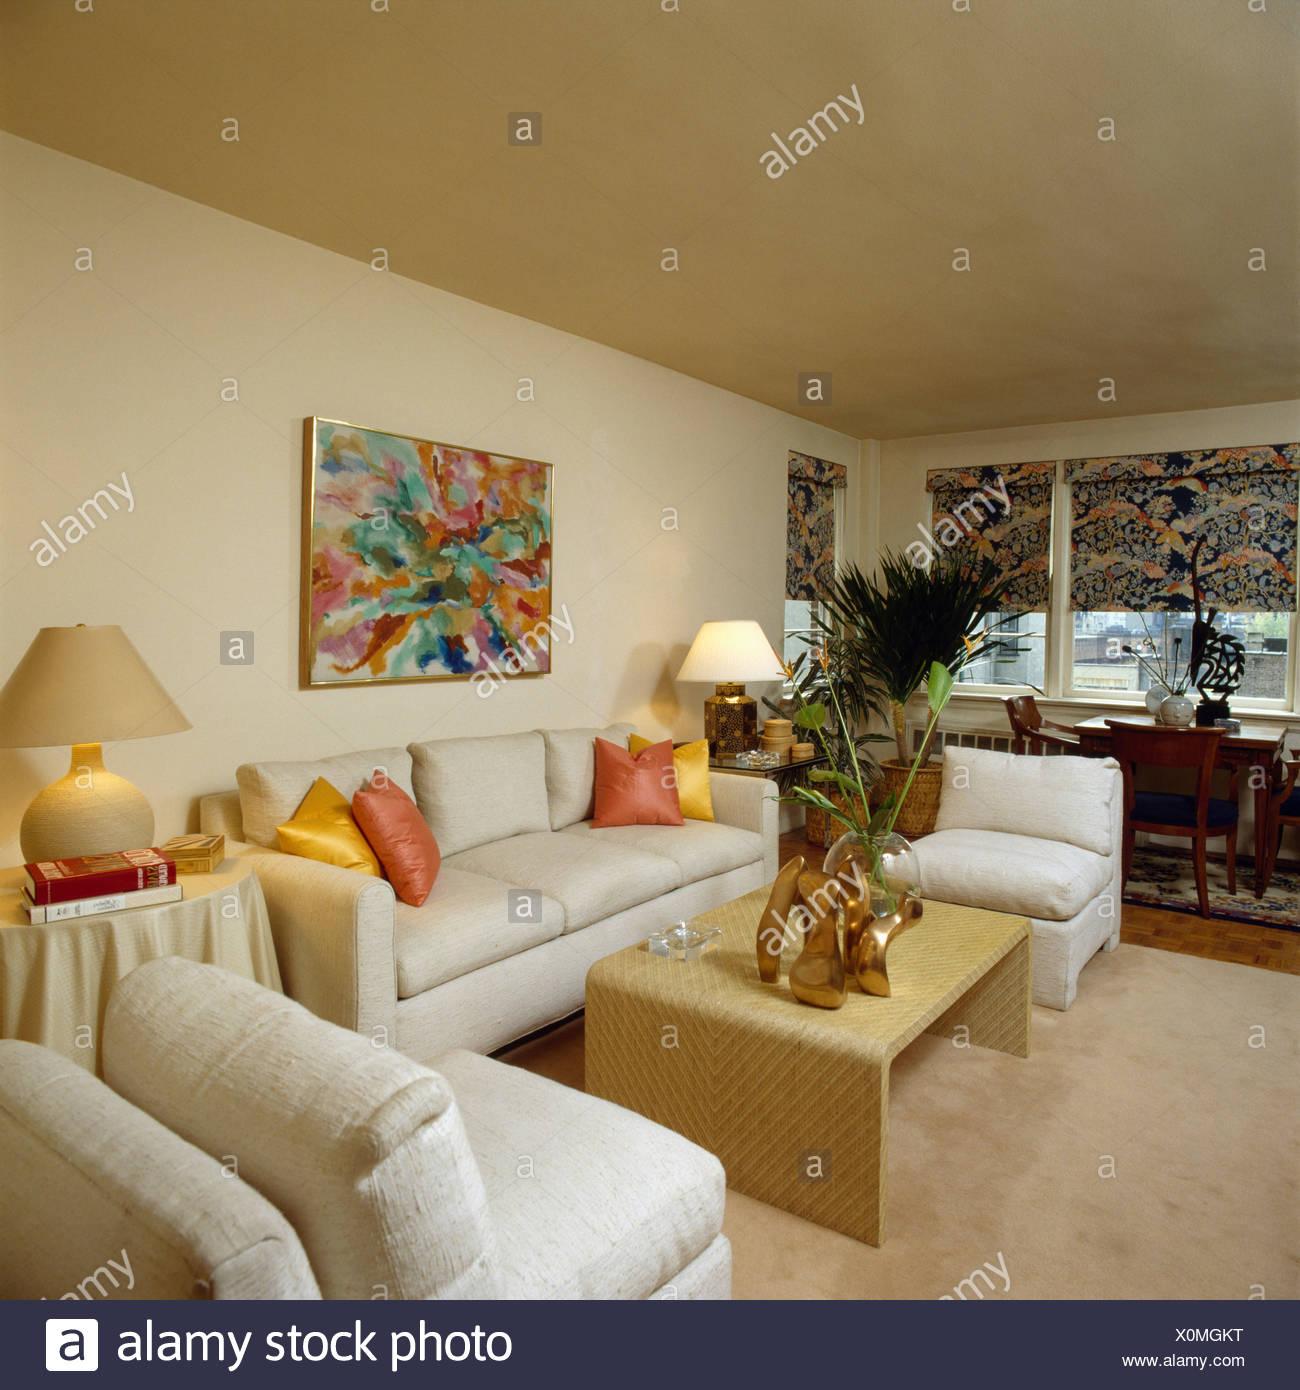 Cremefarbene Sofas Und Stuhle In Neutrale Reihenhaus Wohnzimmer